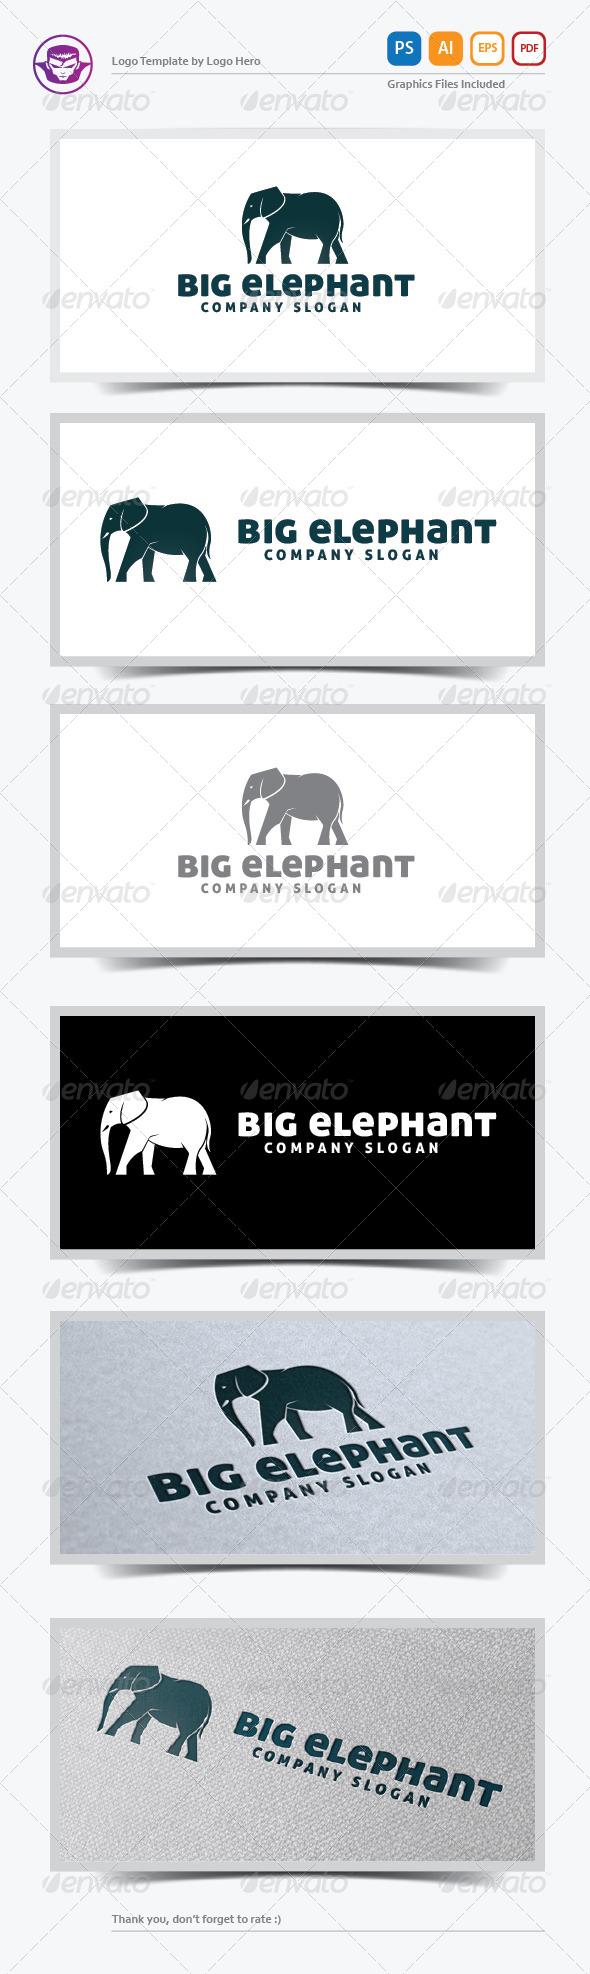 GraphicRiver Big Elephant Logo Template 5706326